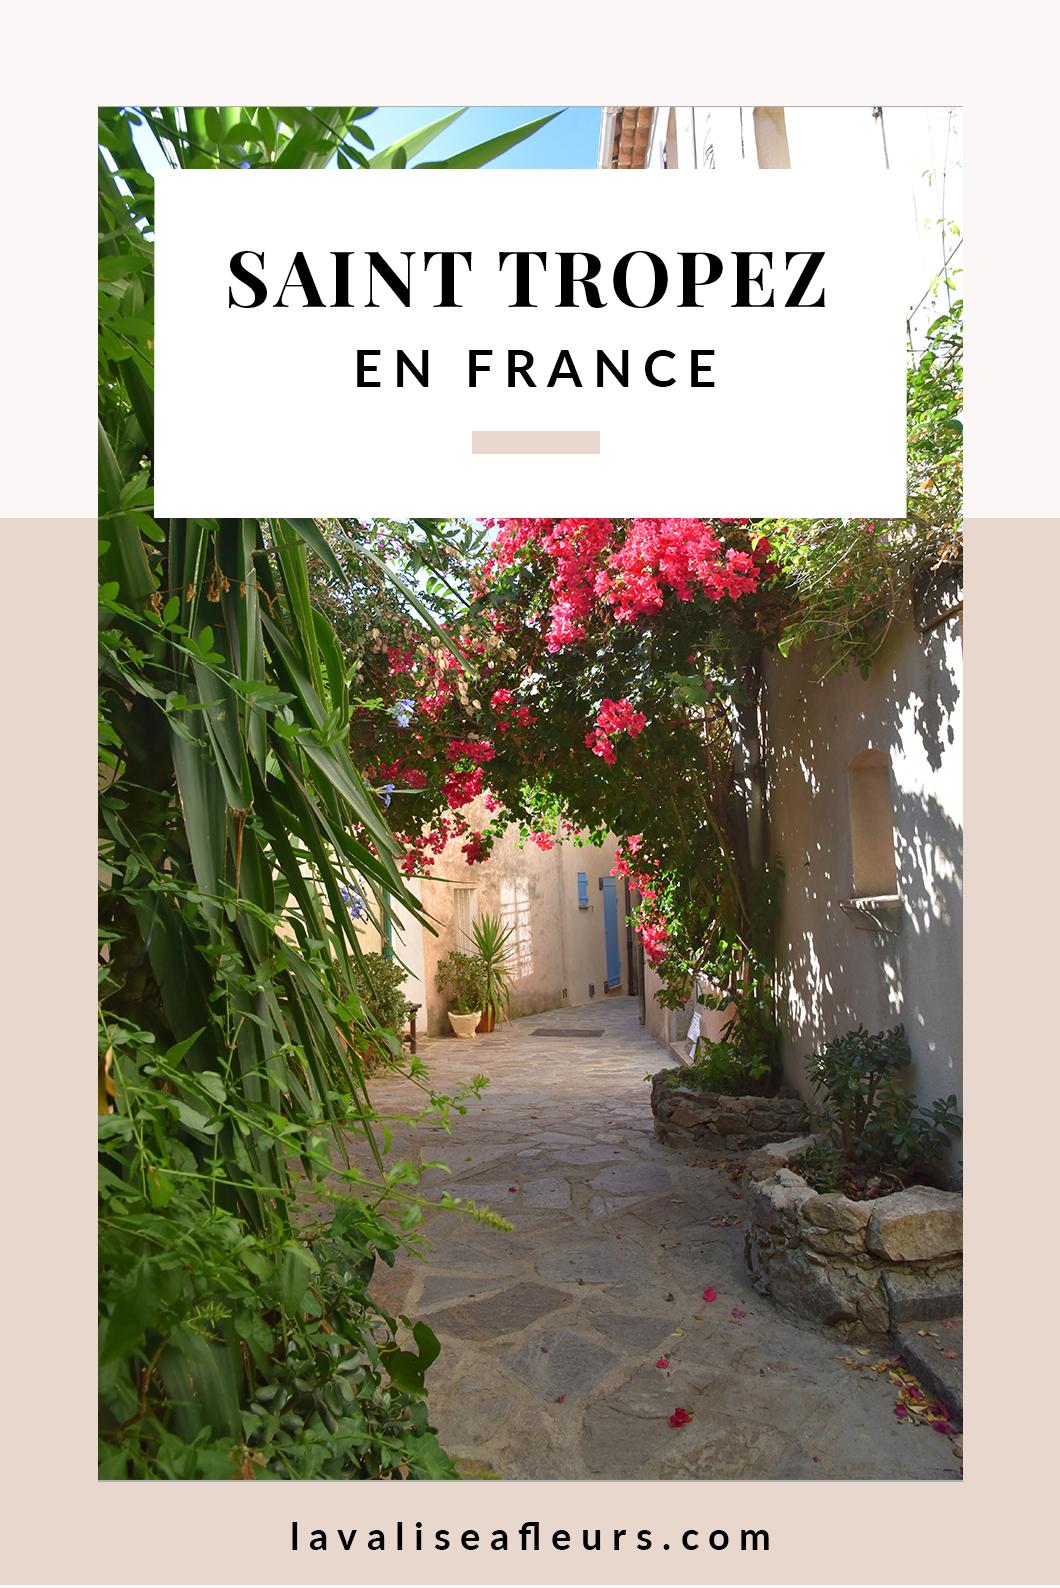 Que faire dans les environs de Saint Tropez en France ?